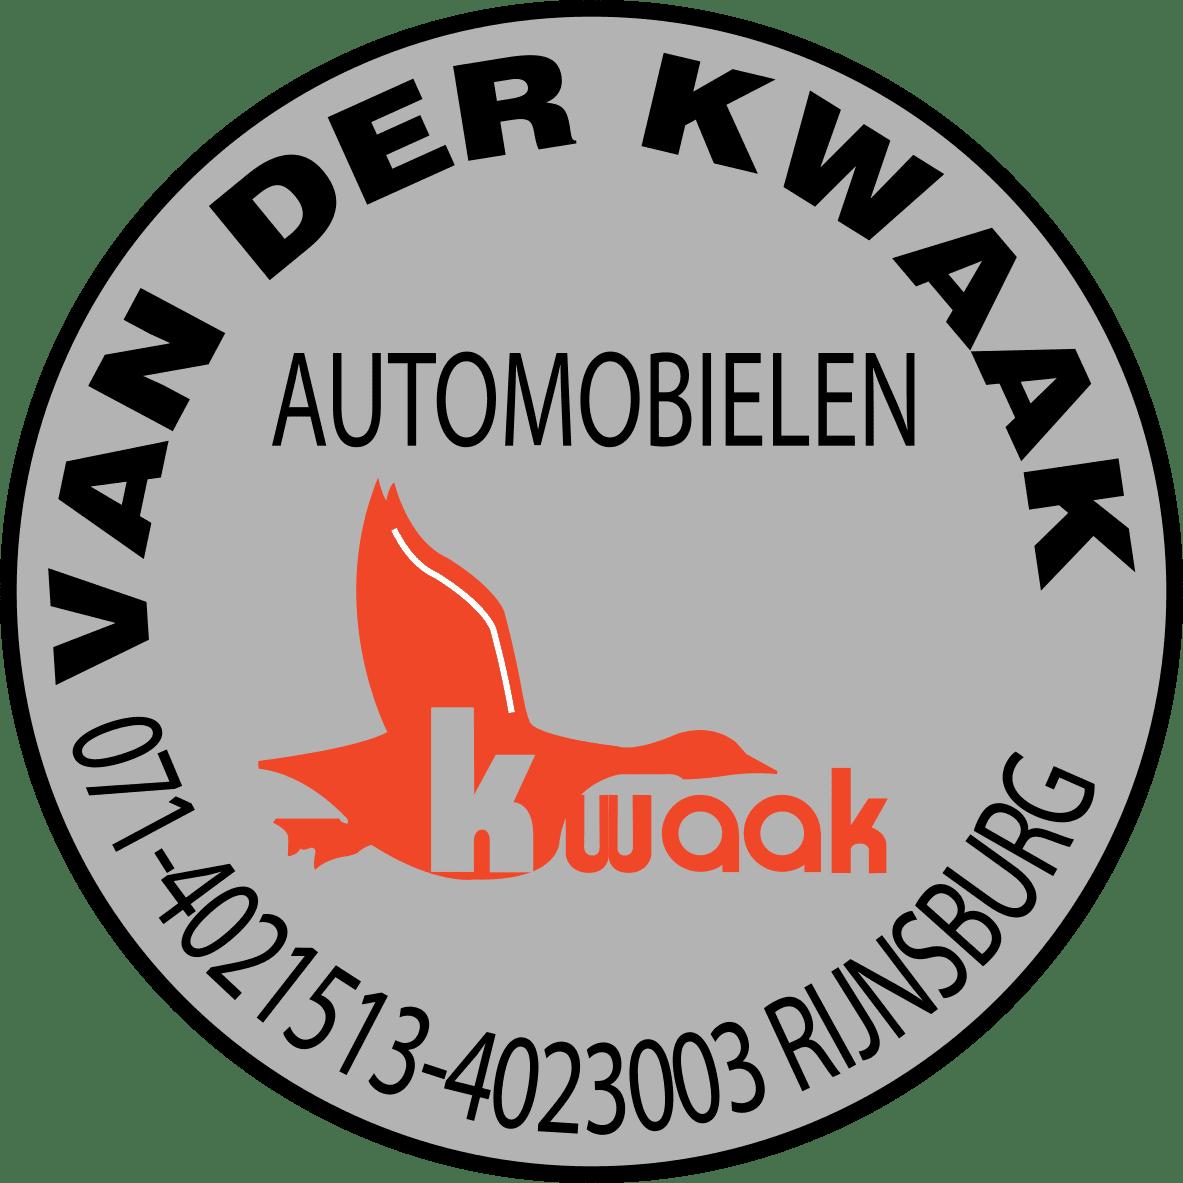 Autobedrijf van der Kwaak